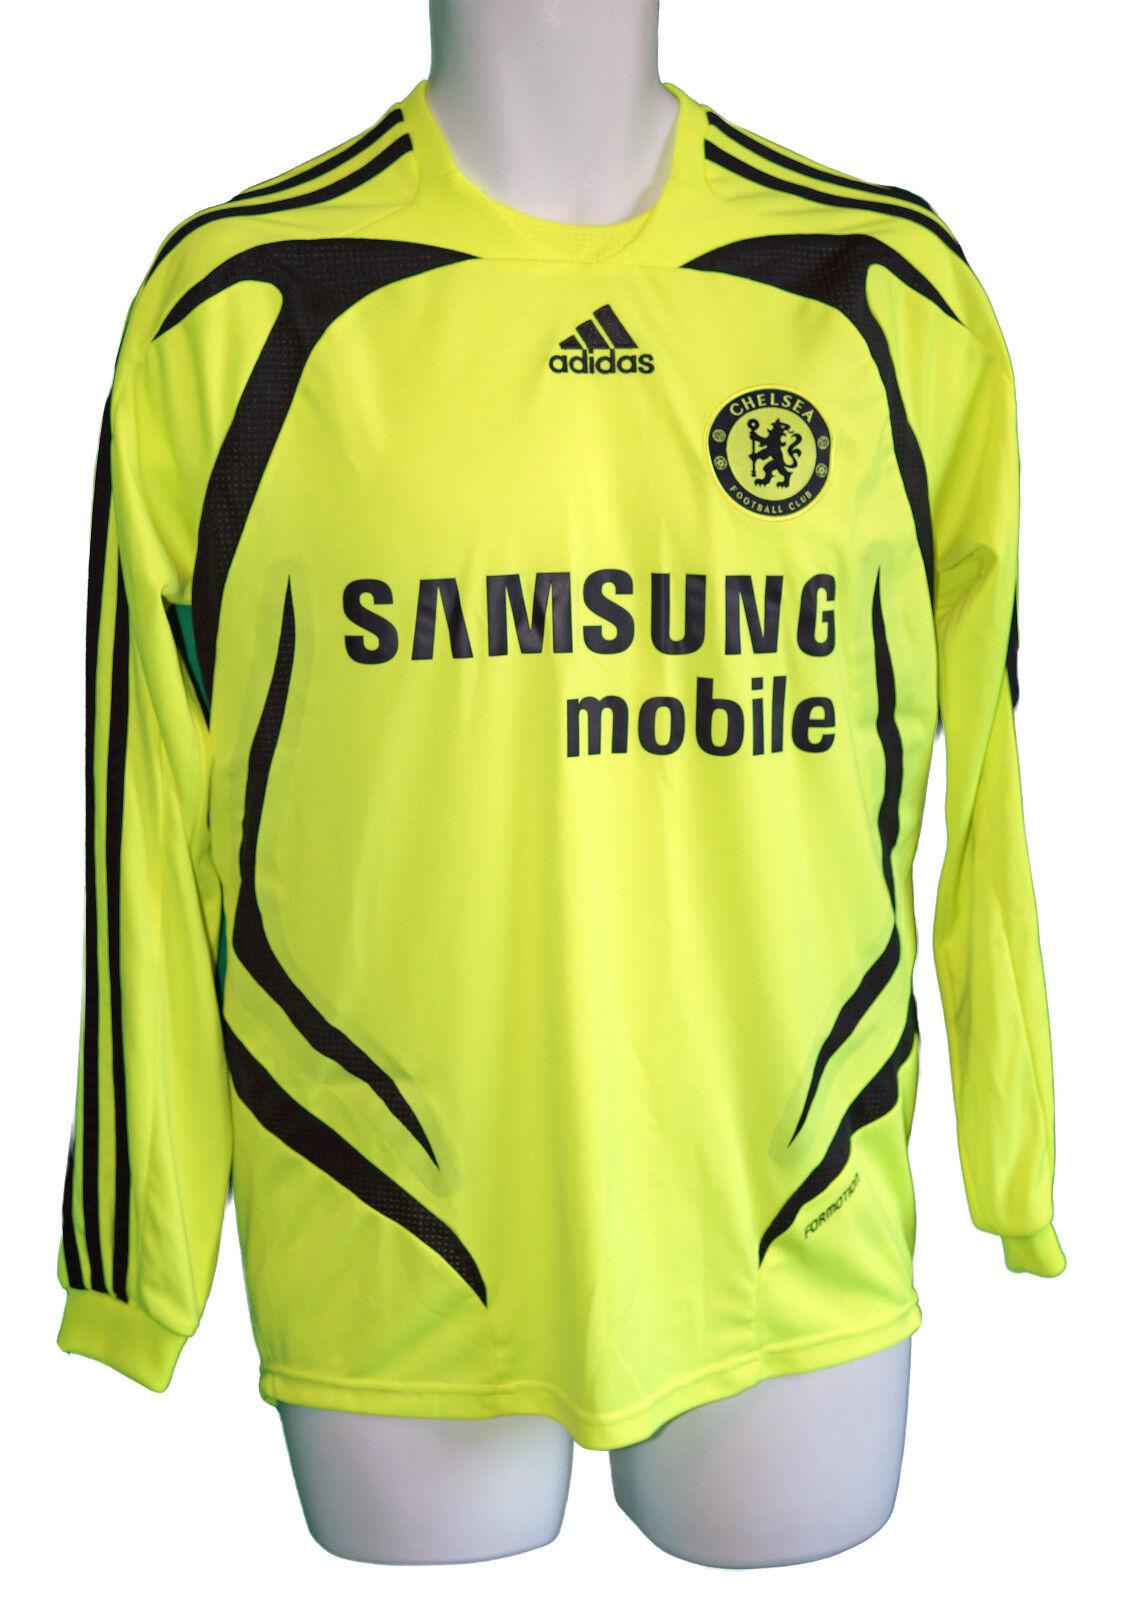 nuovo Autentico adidas Chelsea Calcio Giocatore Problema Camicia Formotion a L